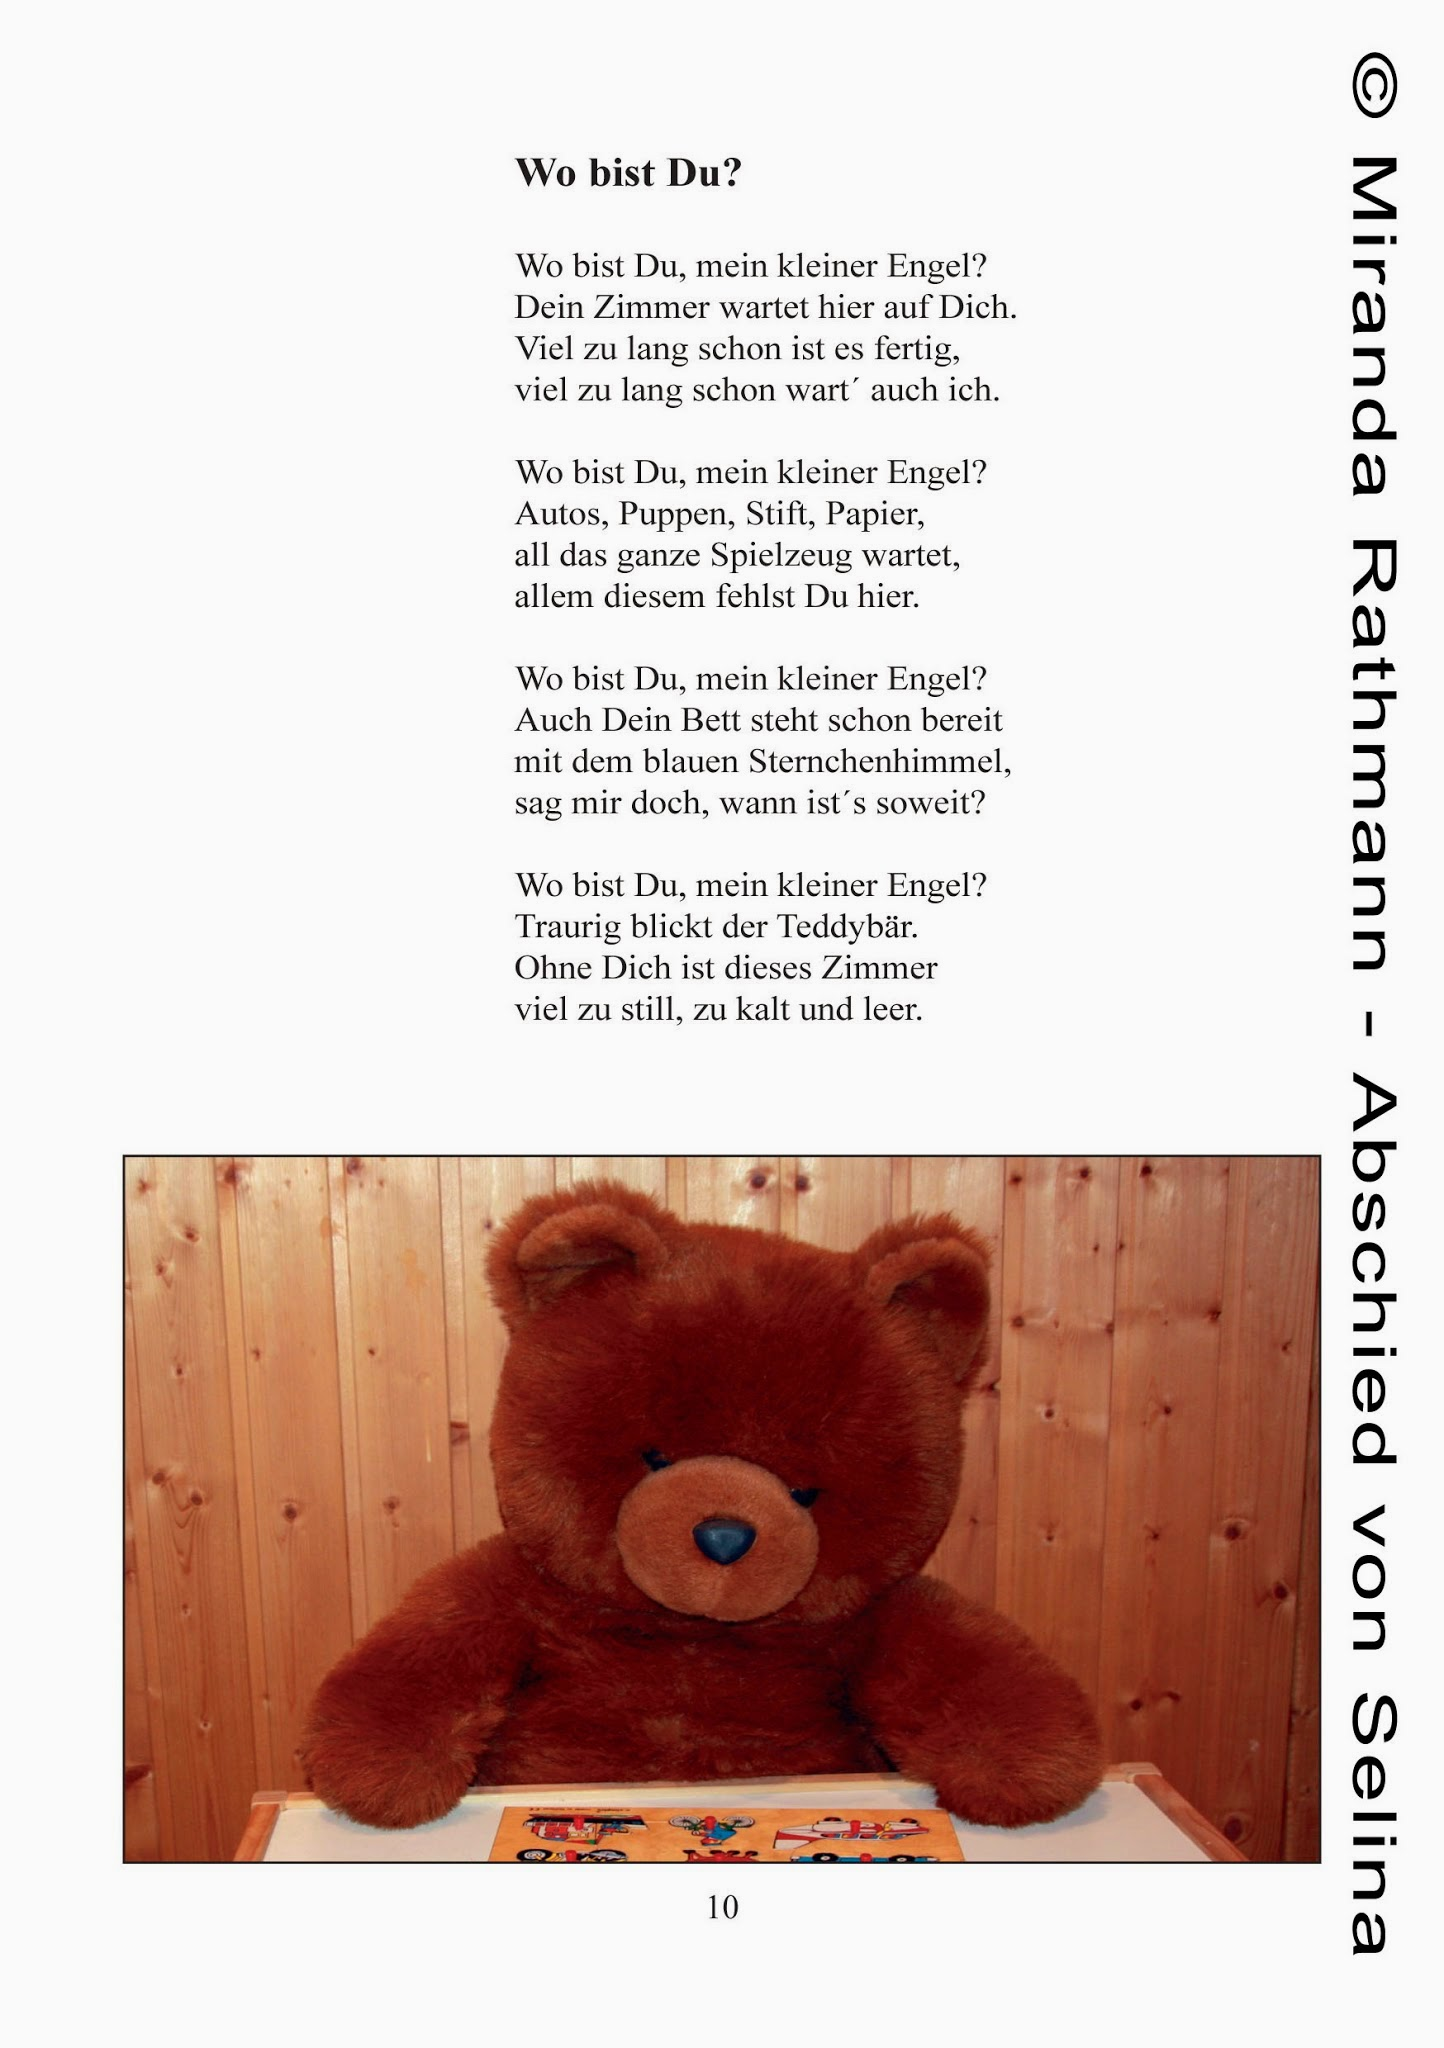 Gedicht kleiner engel